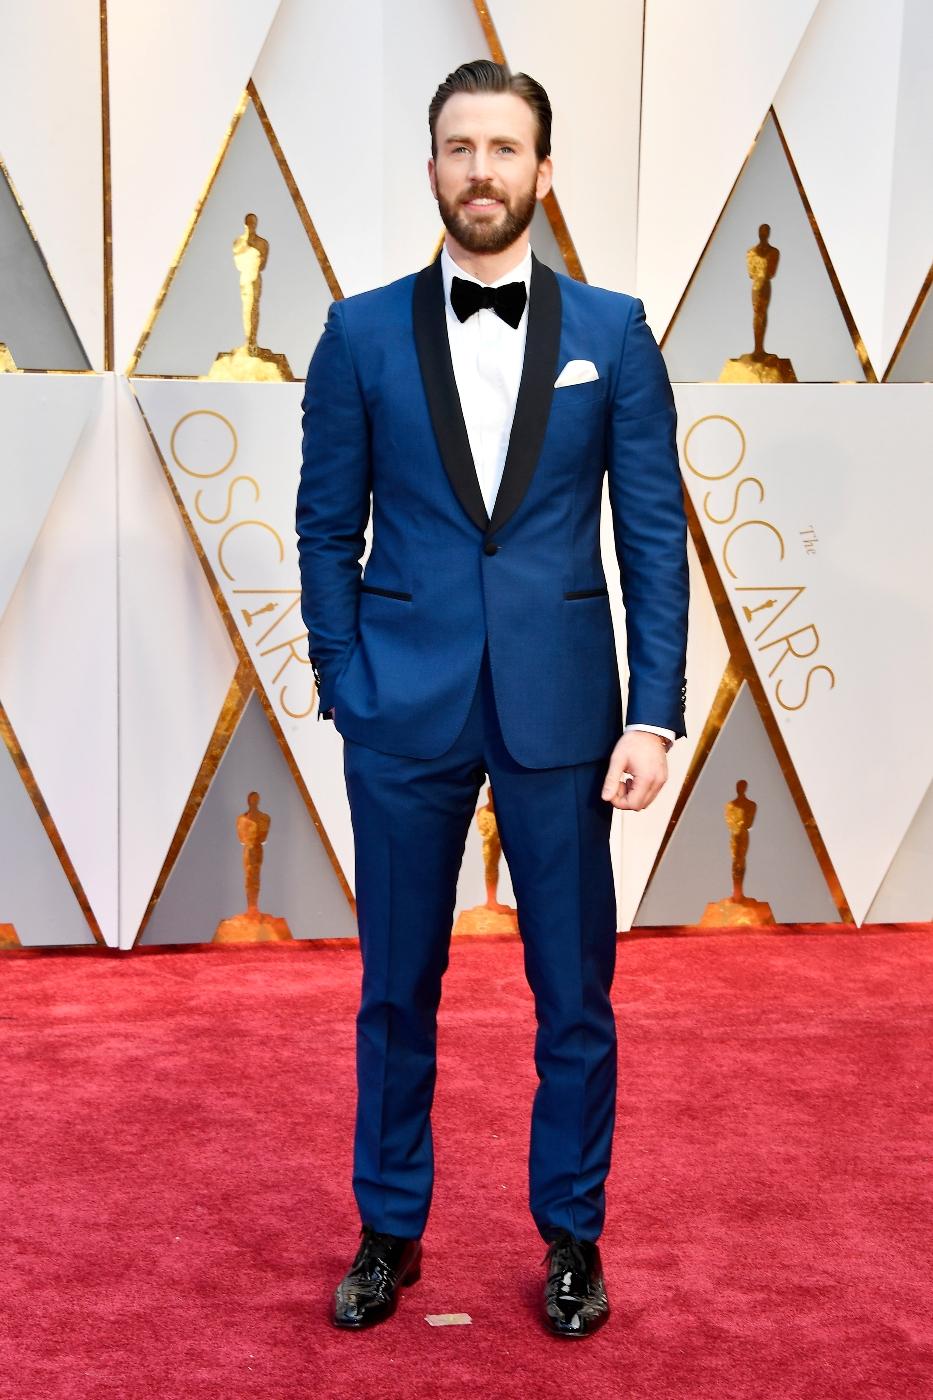 Chris Evans - Salvatore Ferragamo tuxedo.jpg